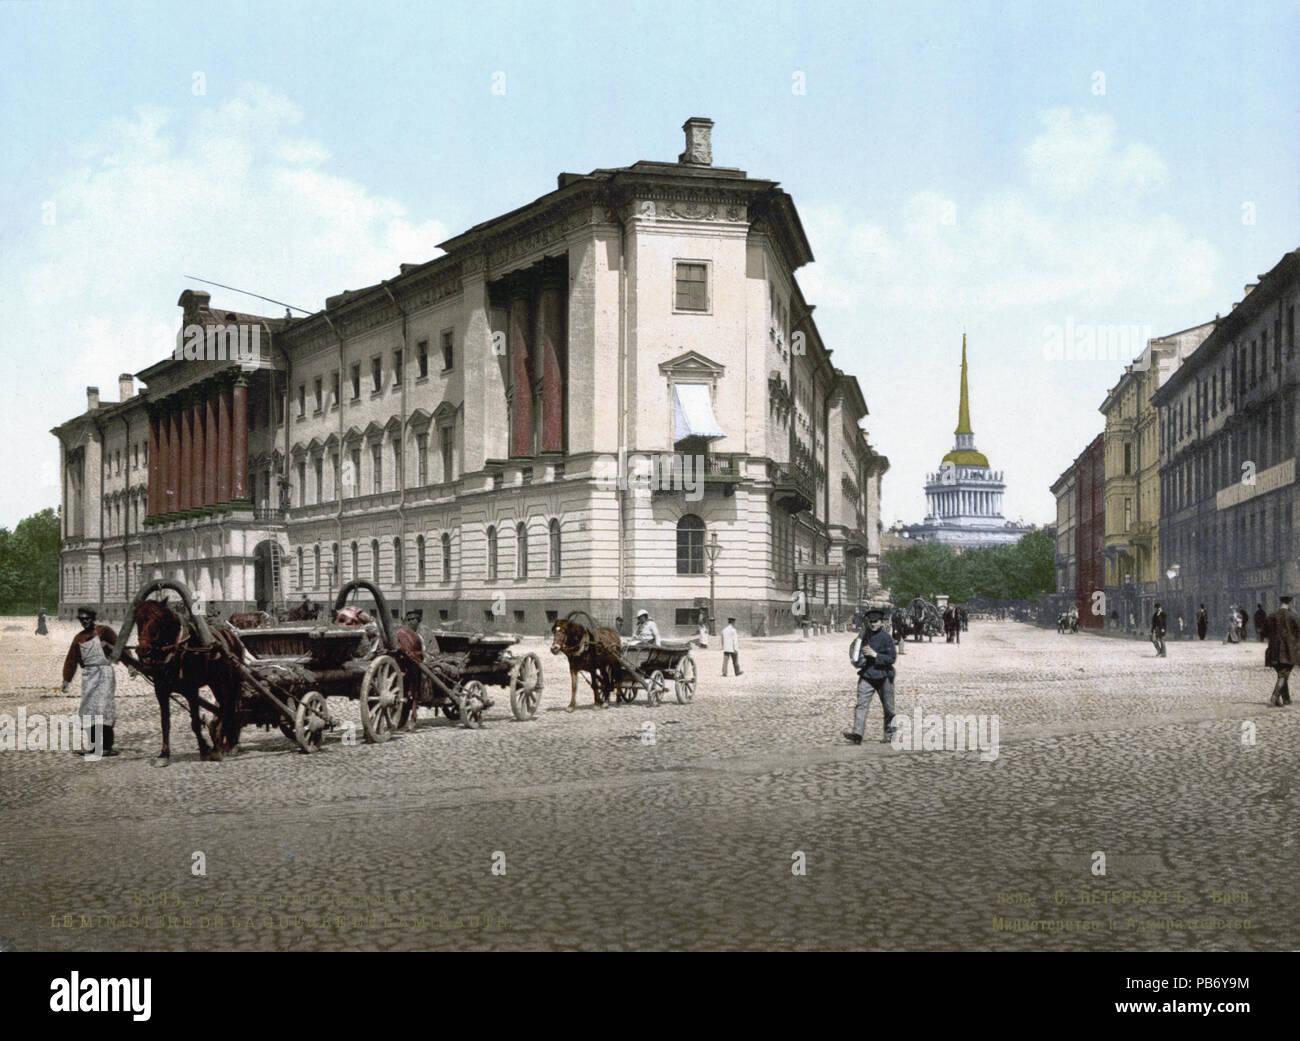 Bureaux De Guerre : Spb bureaux de guerre lobanov rostovsky palace